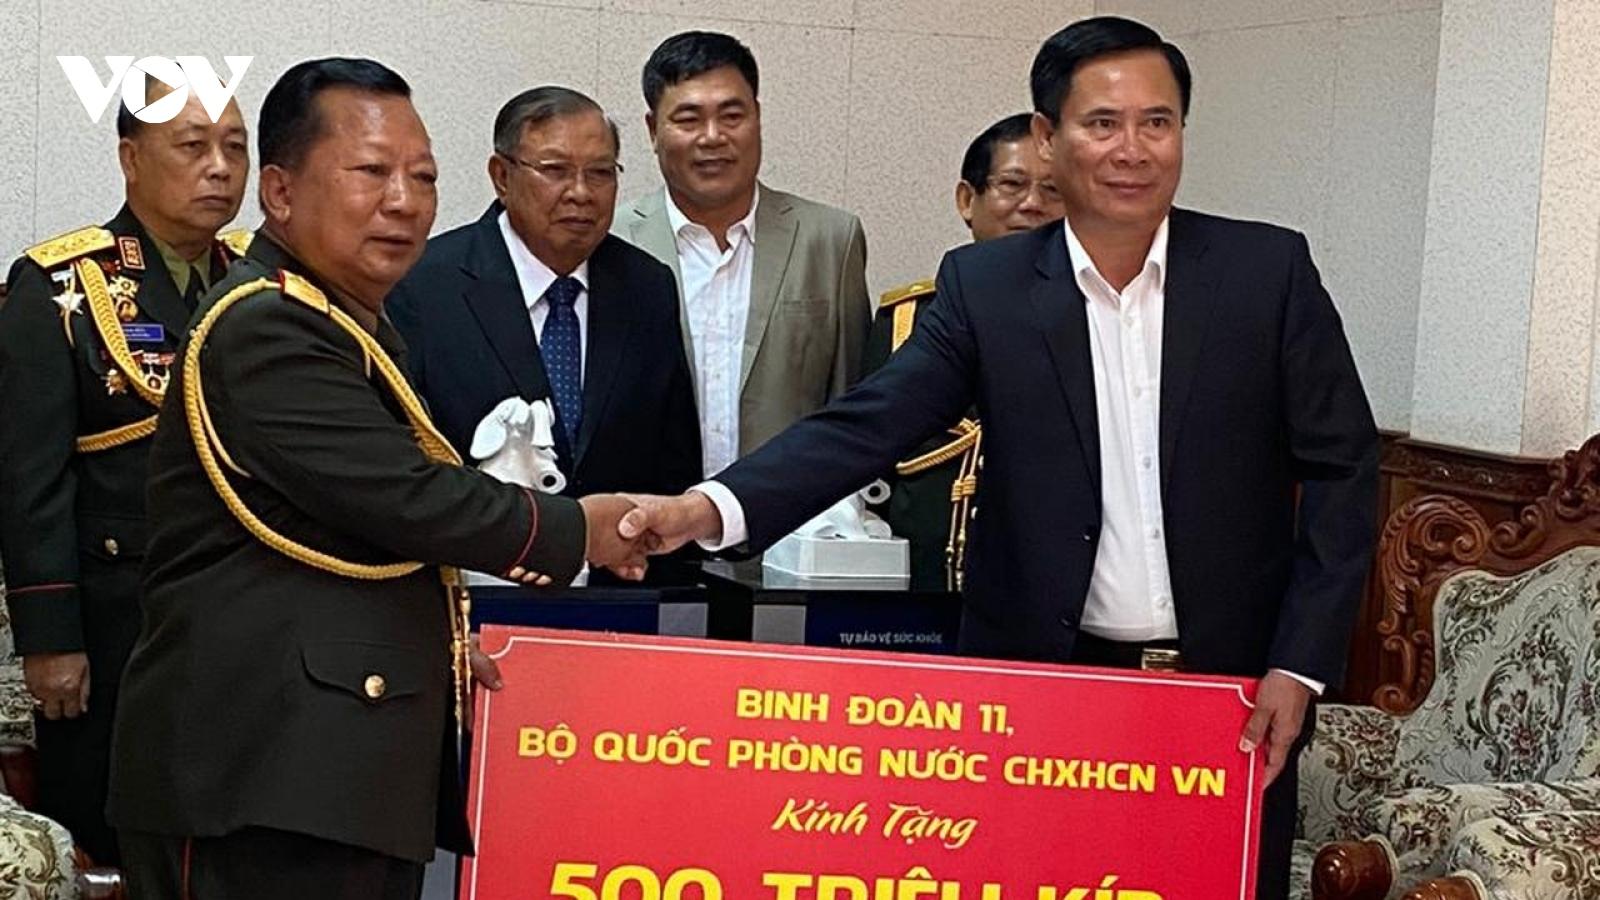 Binh đoàn 11 tặng quà hỗ trợ Quân đội Lào chống dịch